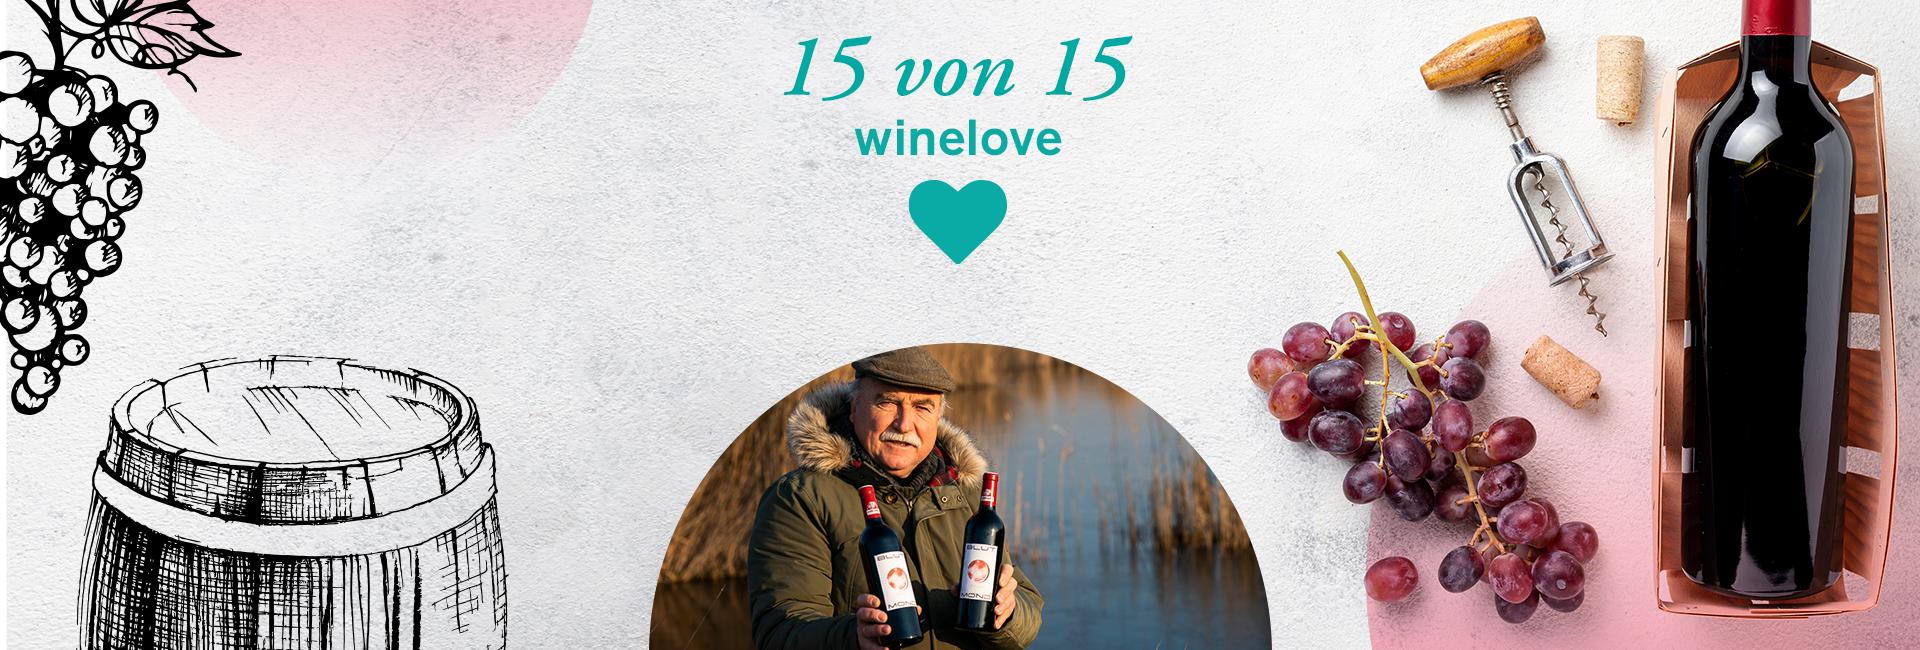 15. Weingläschen 🍷